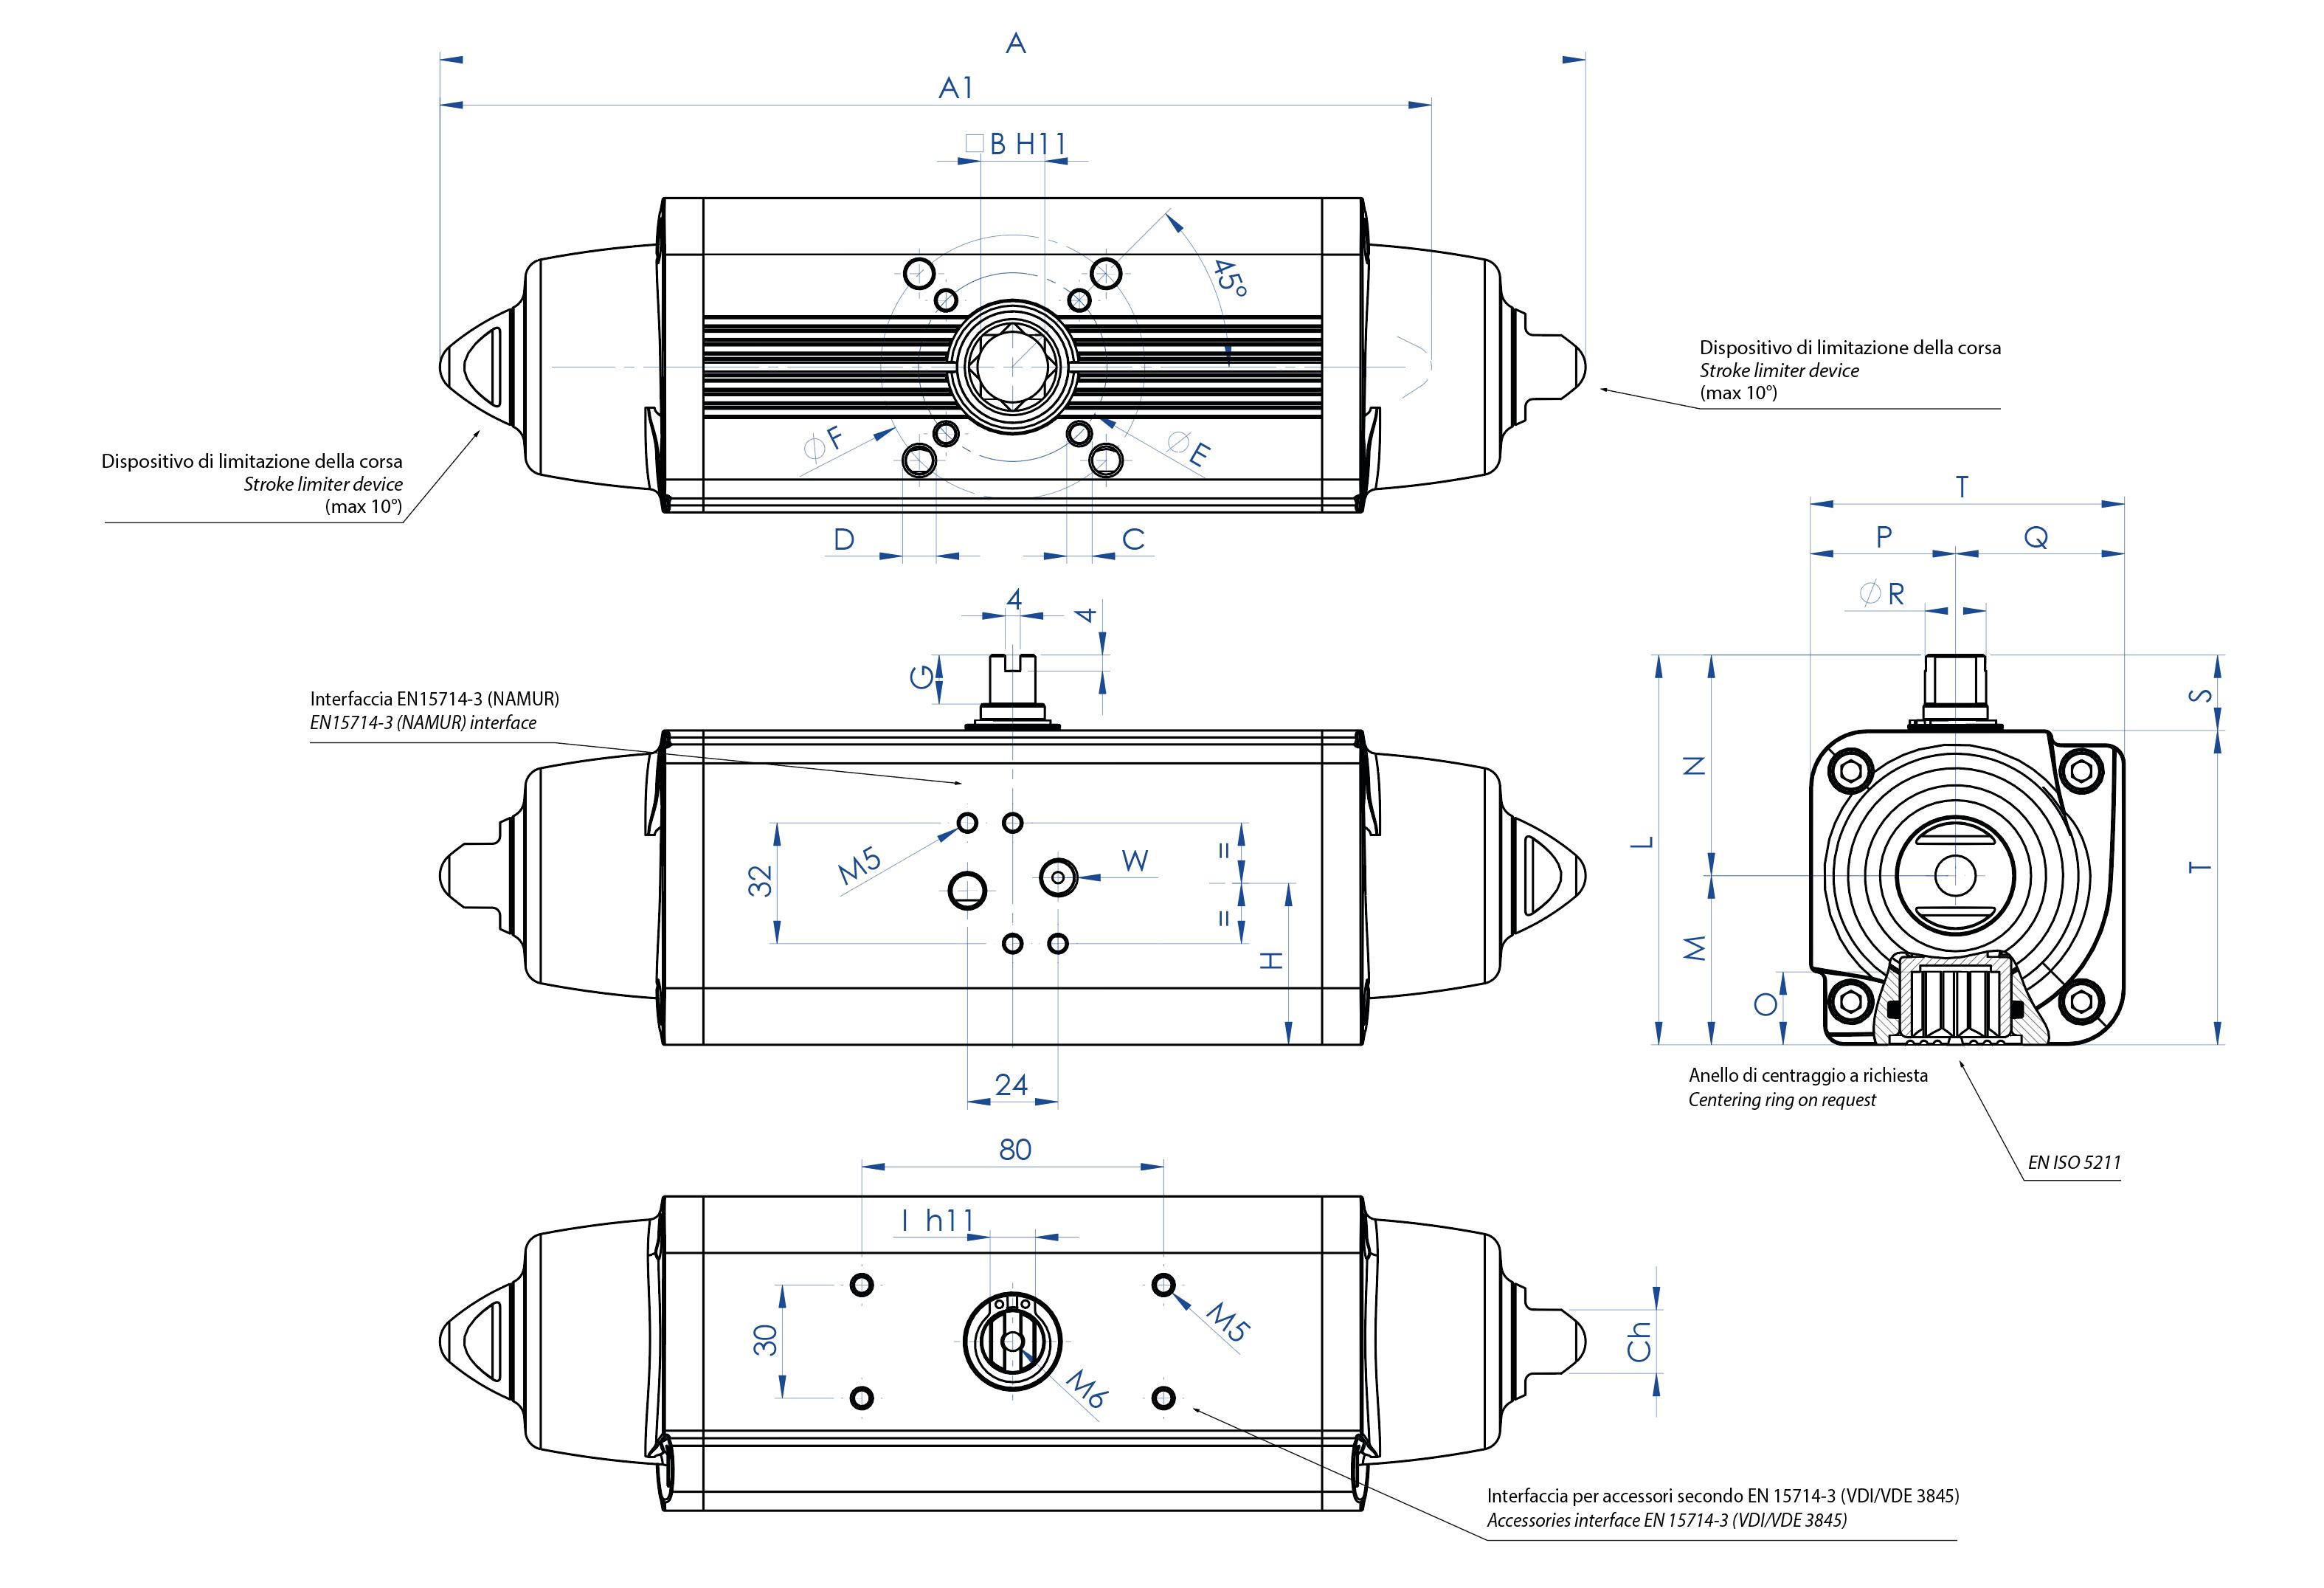 Aluminium GS (spring return) pneumatic actuator - dimensions -  Spring return pneumatic actuator sizes from GS15 (Nm) to GS960 (Nm)